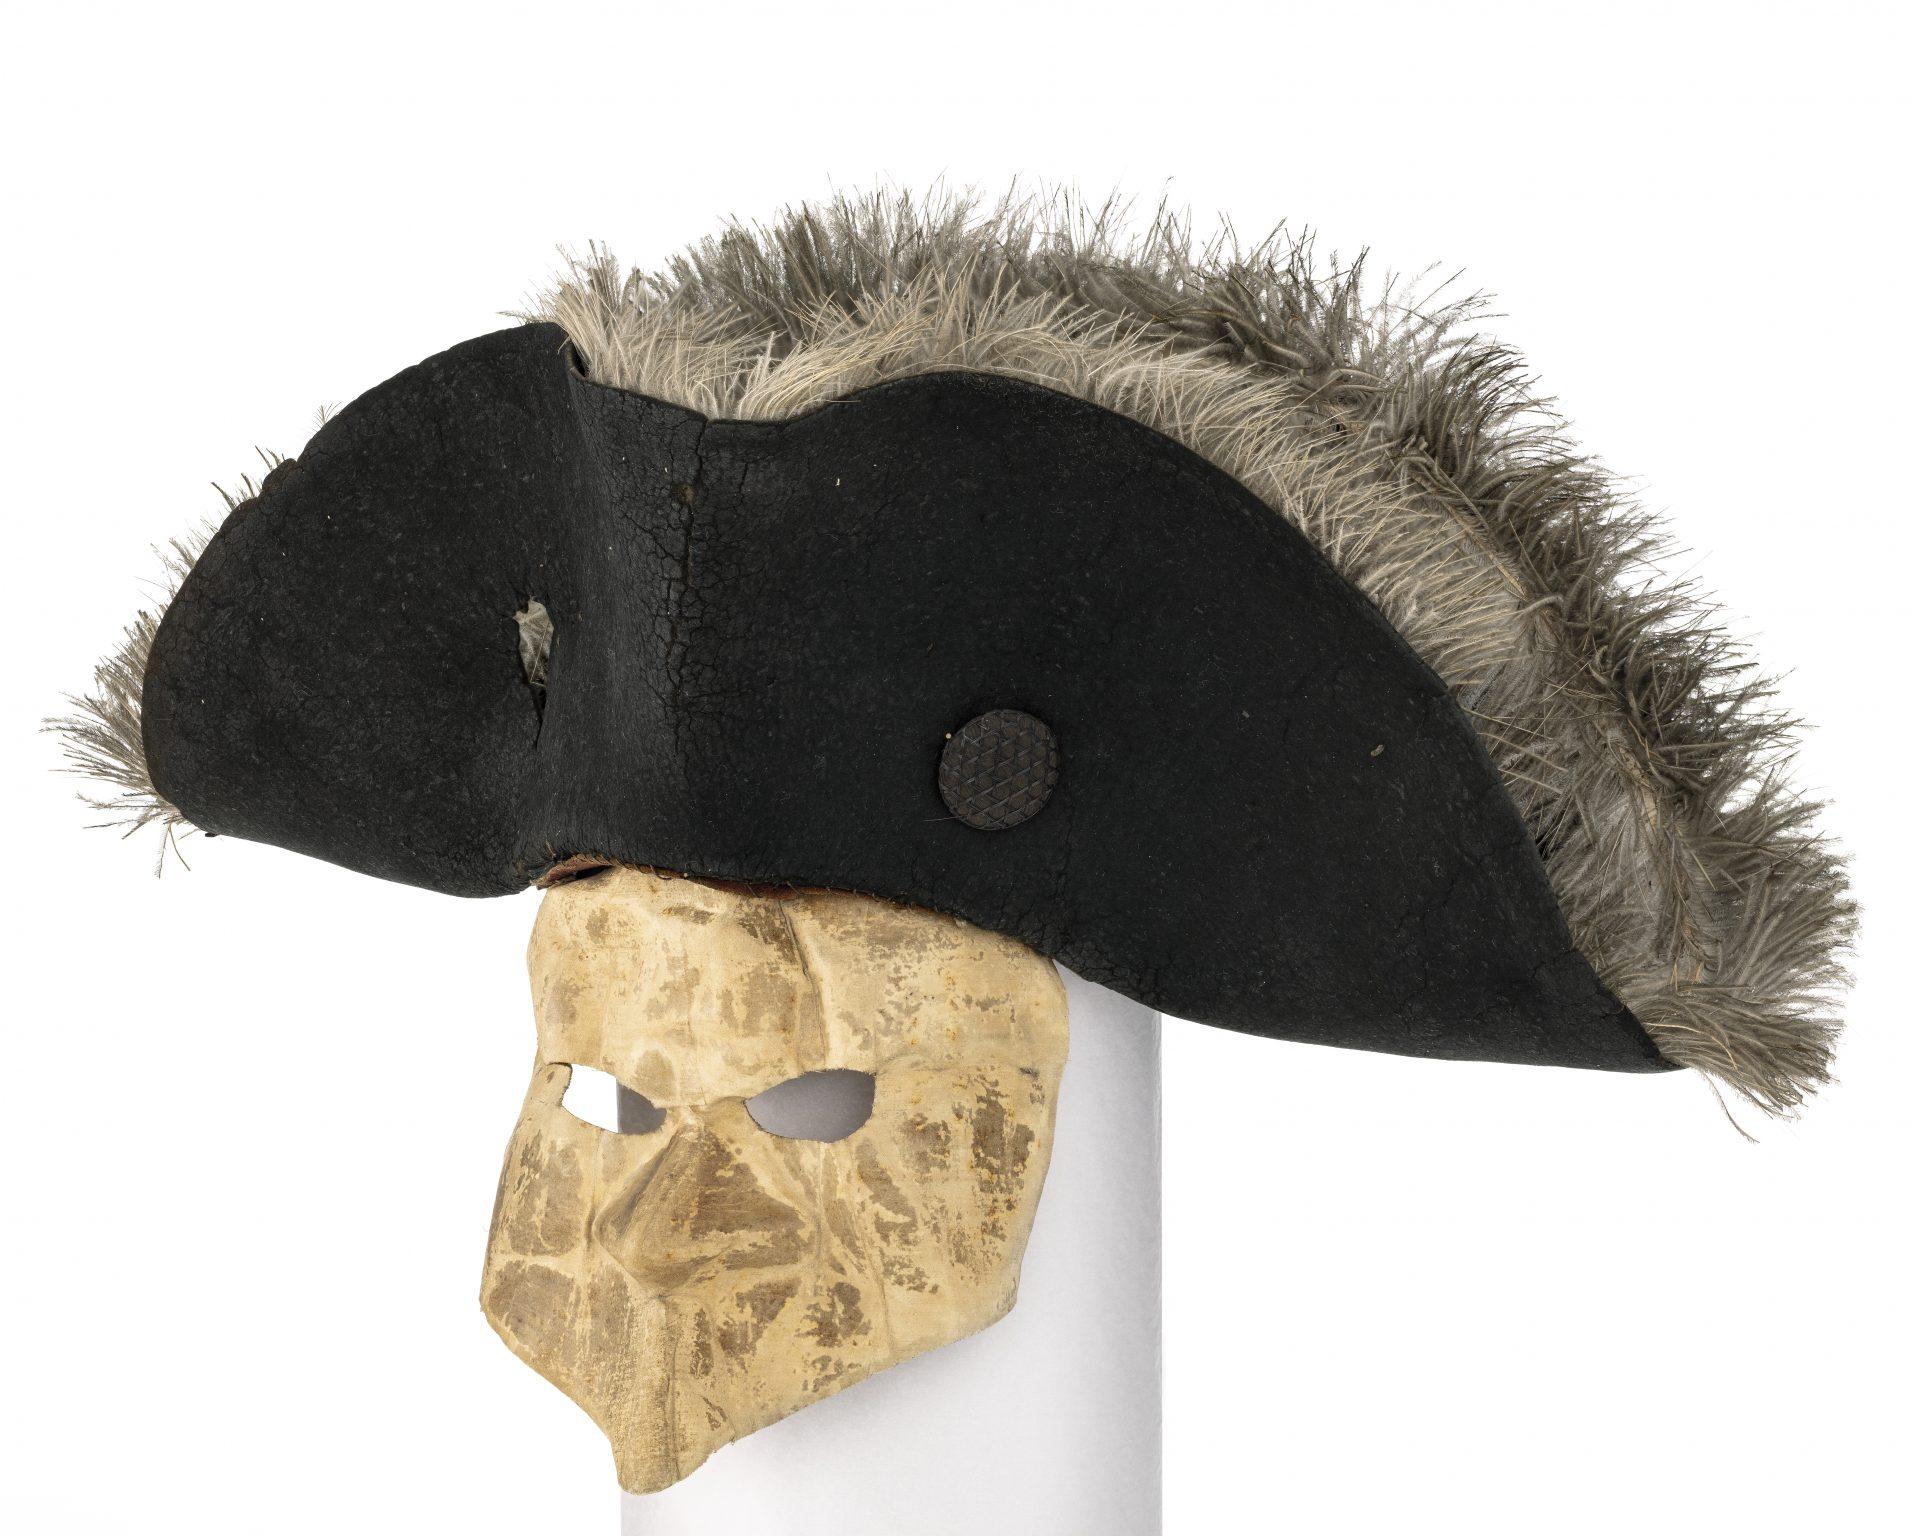 En vit mask och en svart hatt.